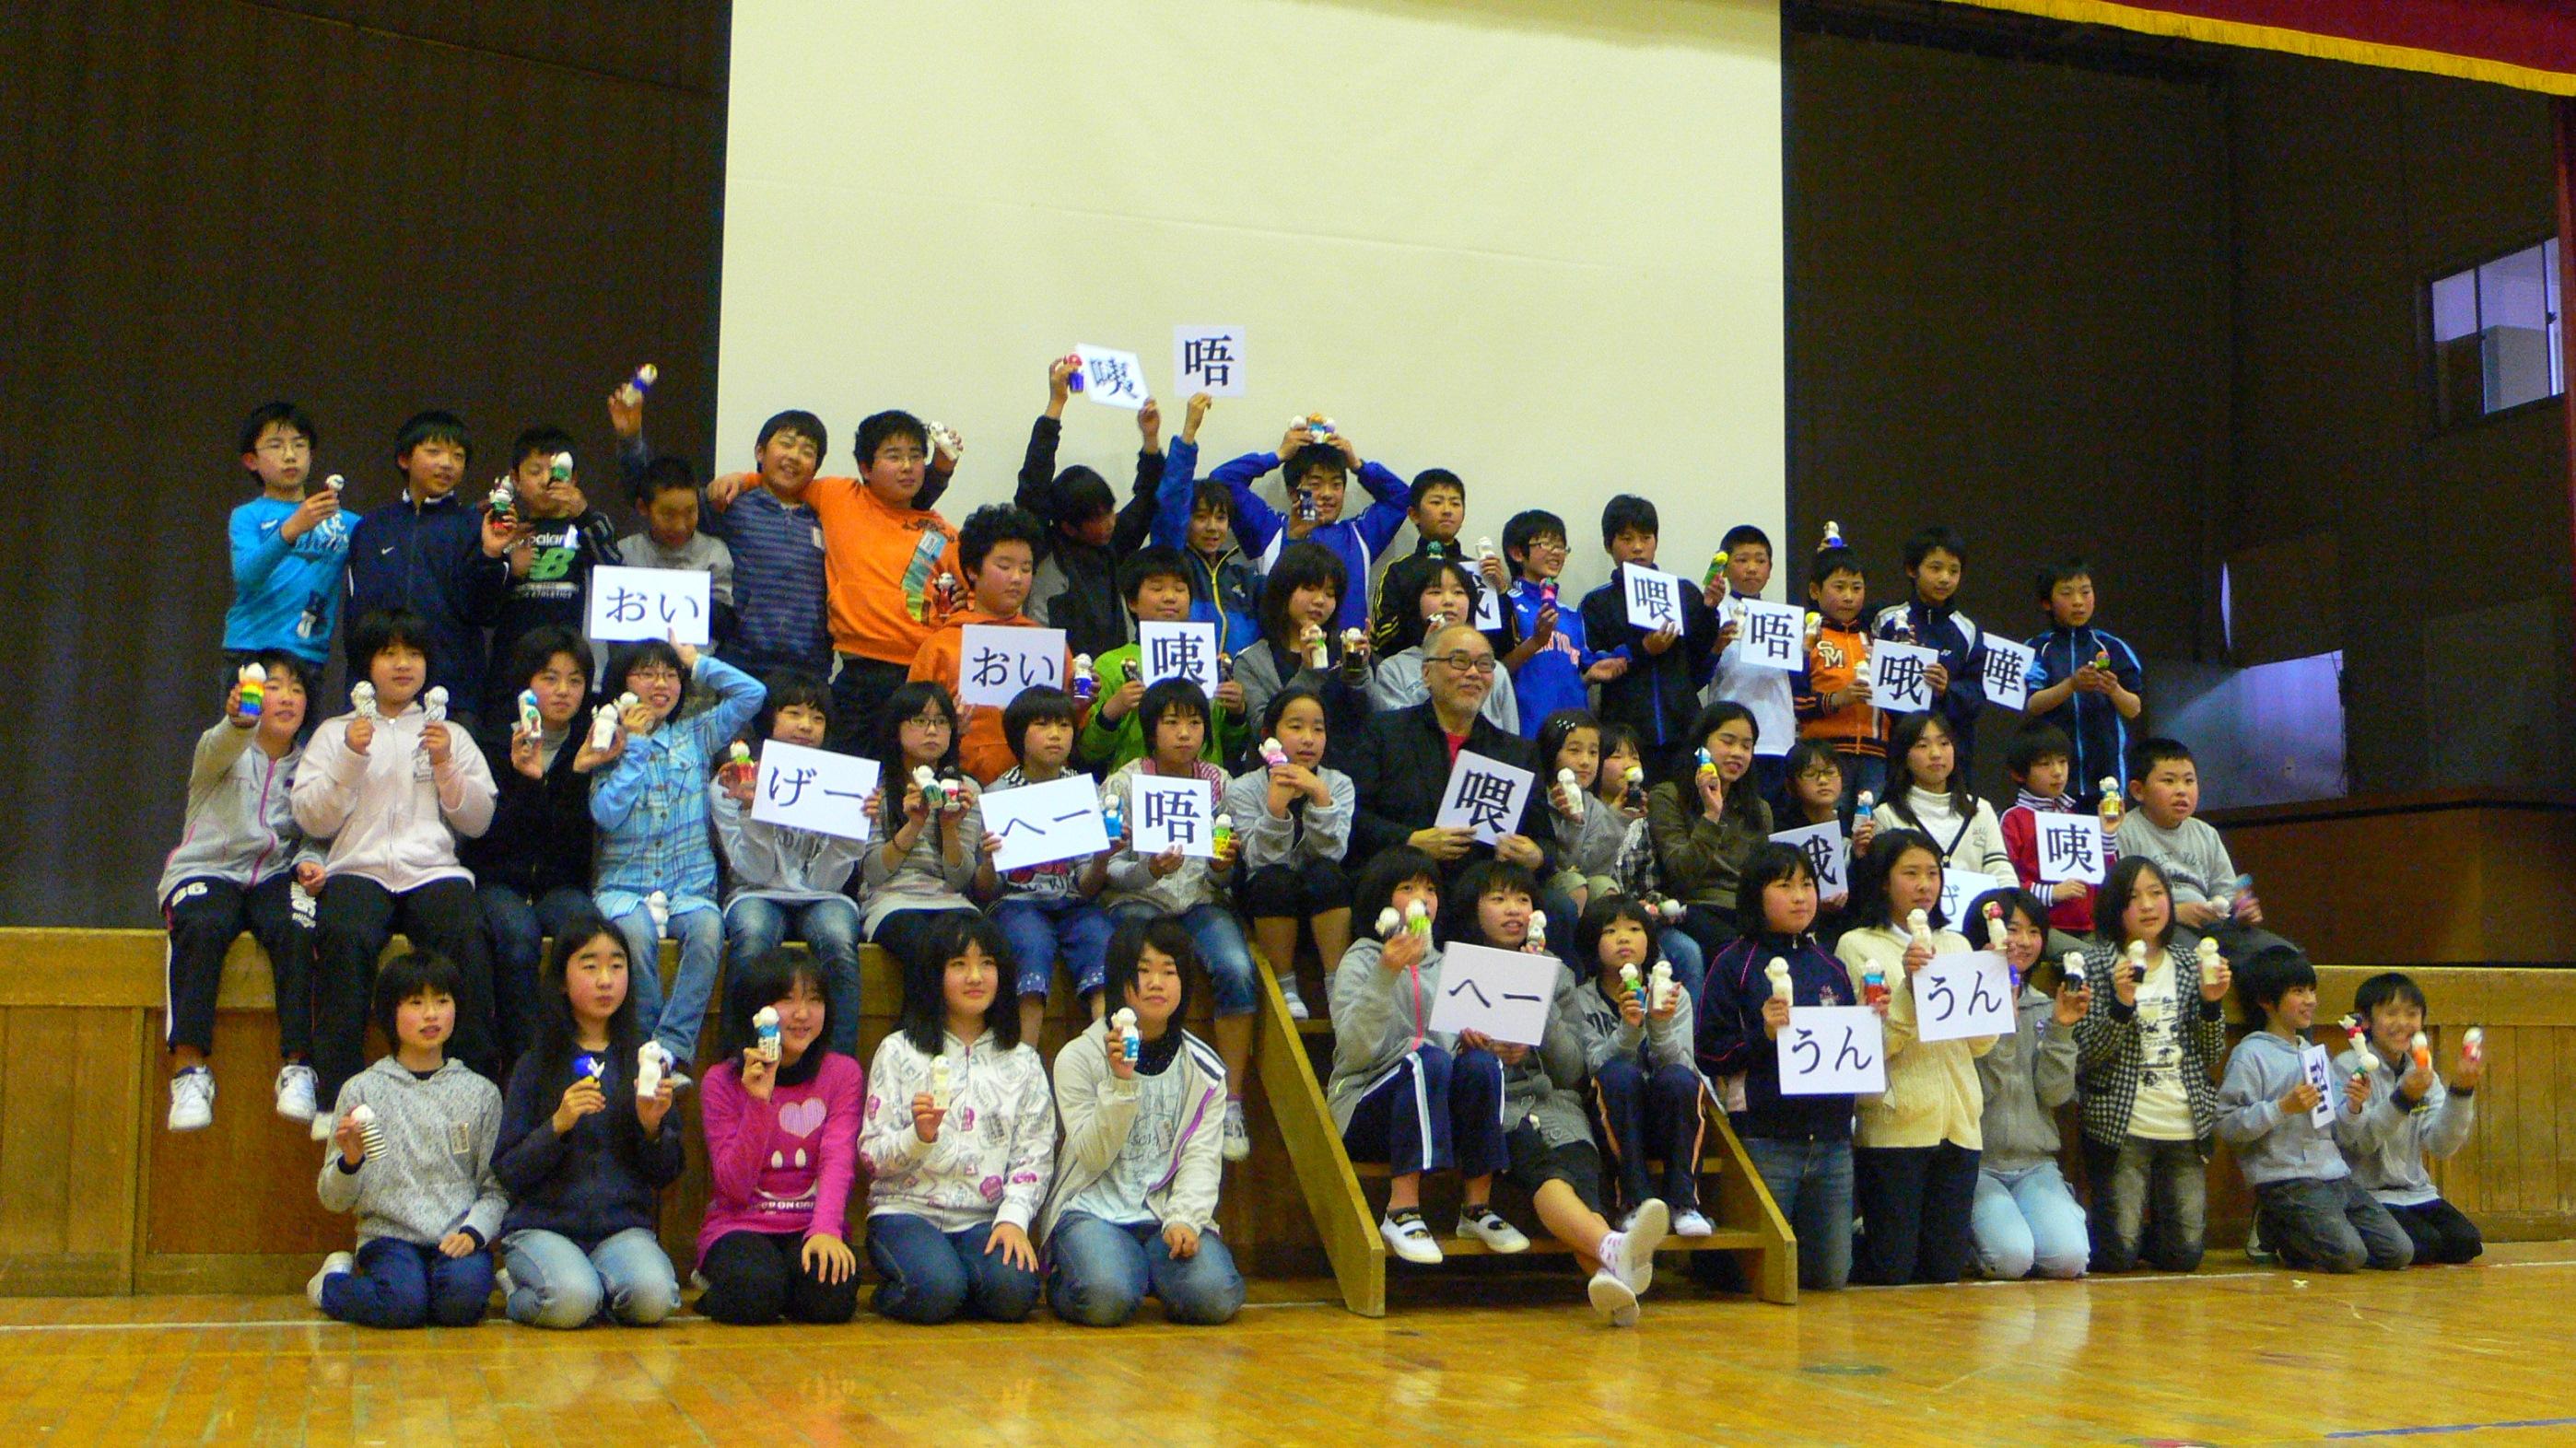 """""""天天向上""""日本的學校發展項目。照片來源:榮念曾"""